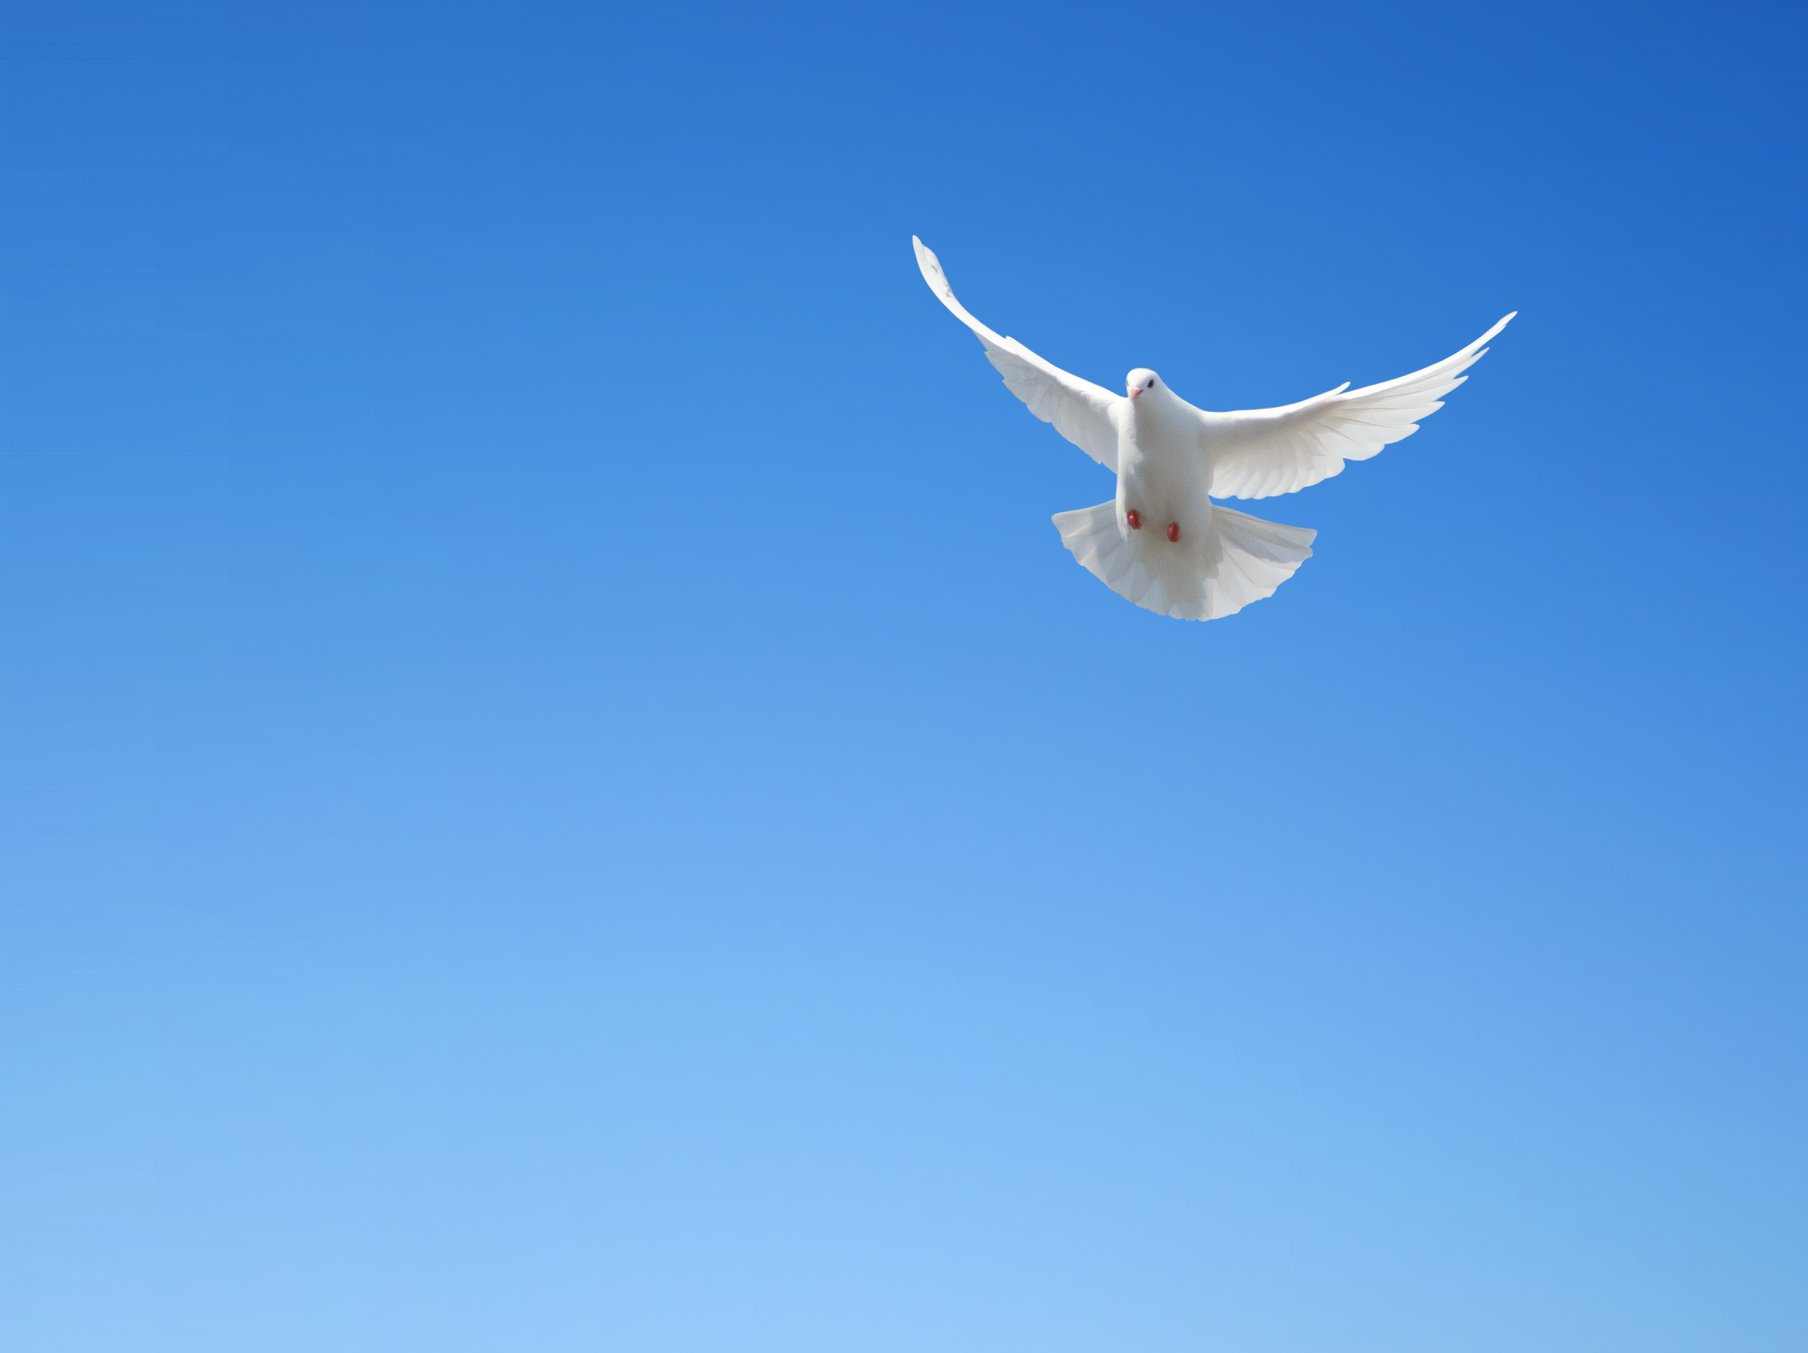 صور حمام ابيض يرفرف في السماء 3 صور حمامه السلام